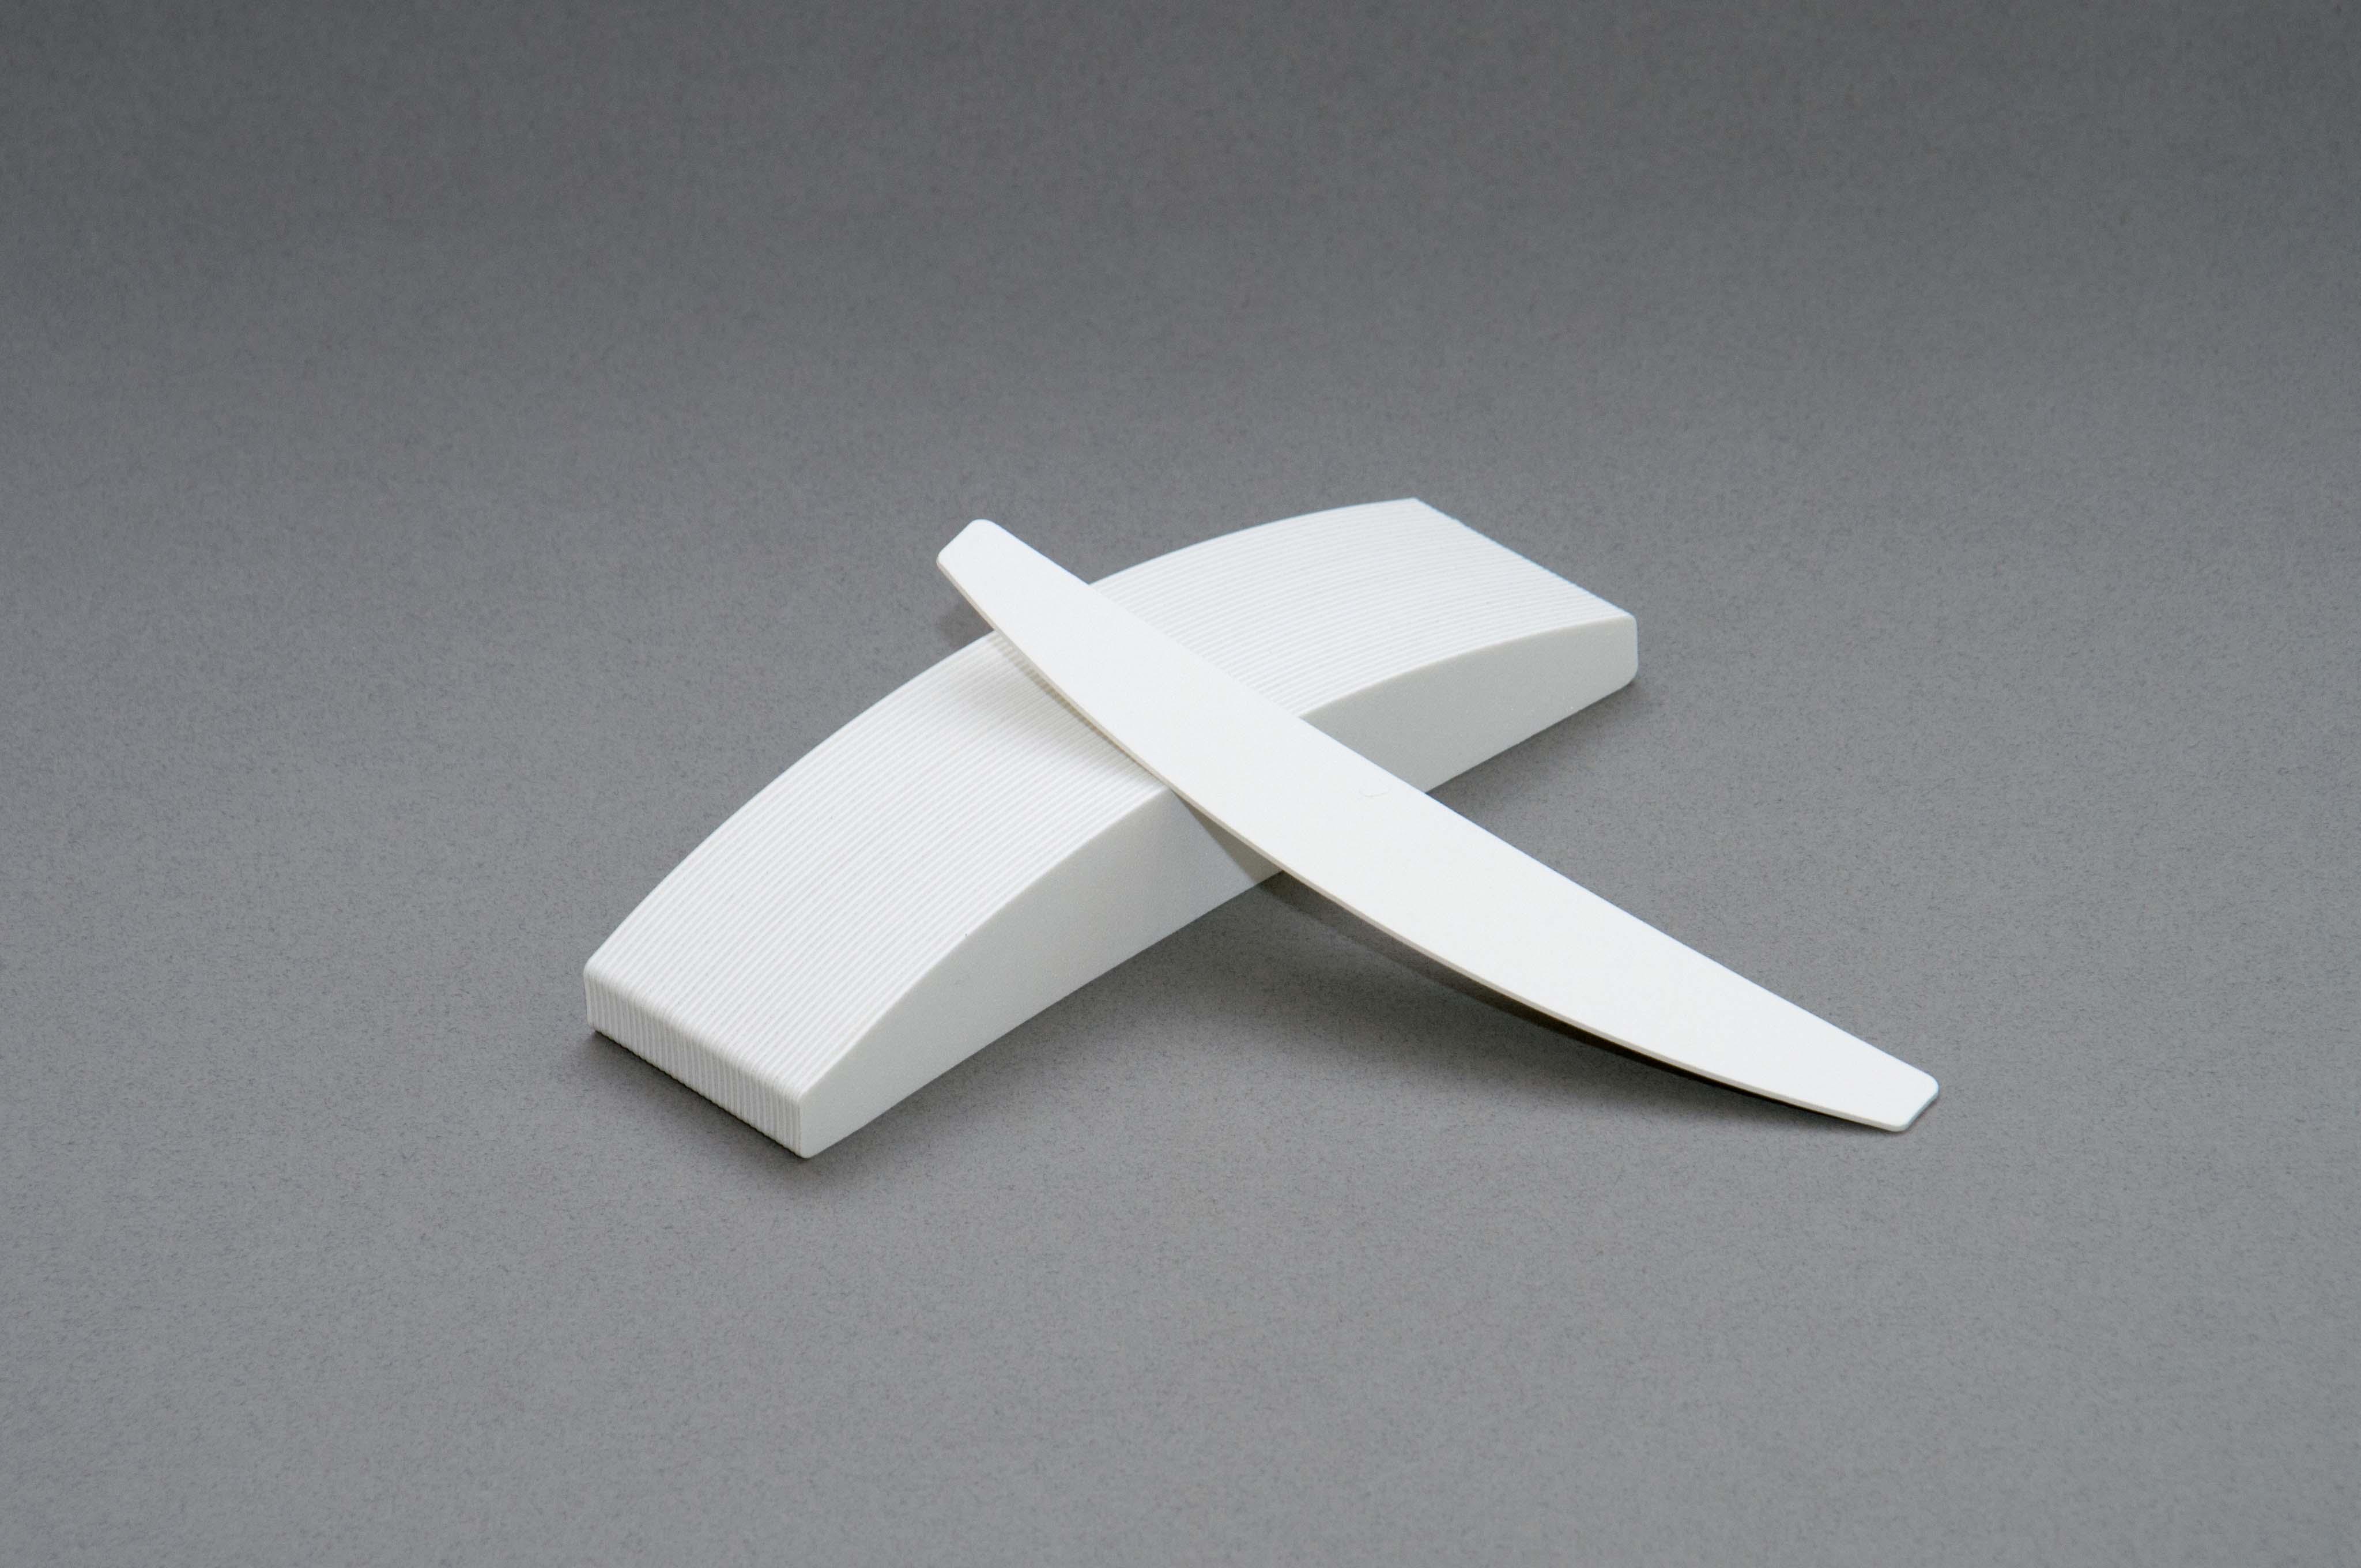 ЧИСТОВЬЕ Набор маникюрных пилок для ногтей 240 40 шт